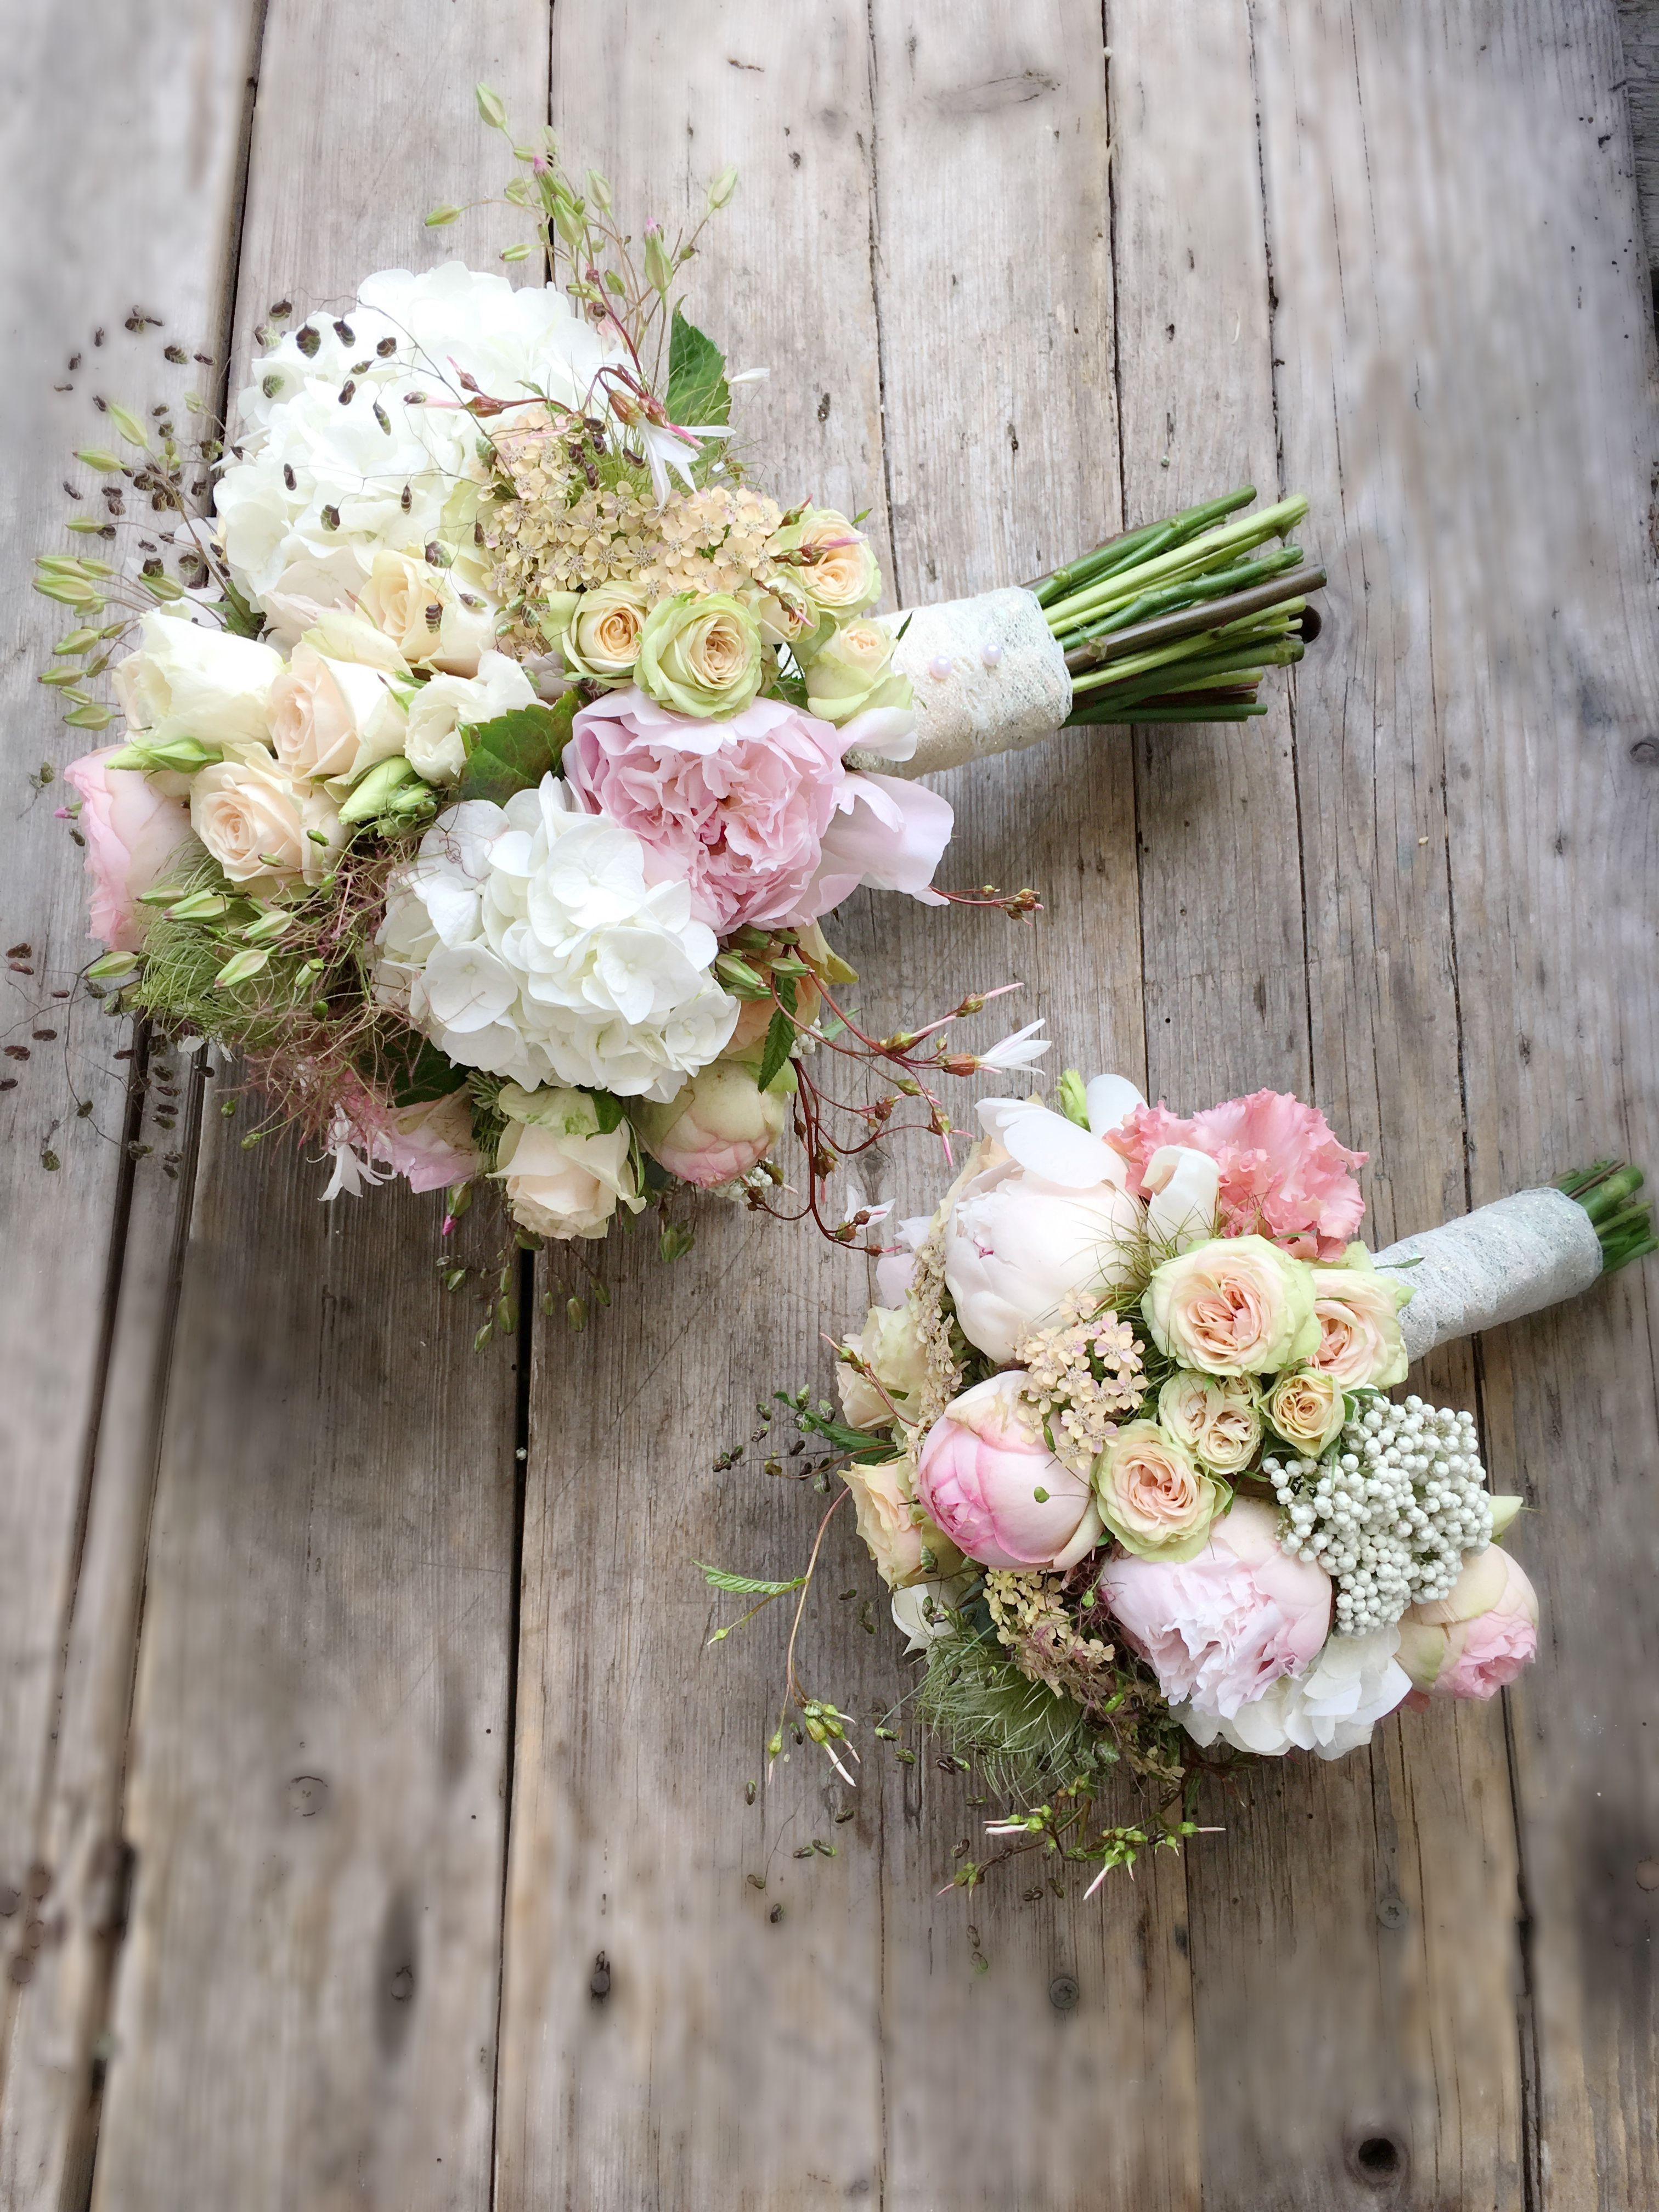 Brautstrauss Vintage Pastell Romantisch Pinkbridalbouquets Brautstrauss Vintage Pastell Romantisch Brautstrauss Vintage Brautstrauss Braut Blumen